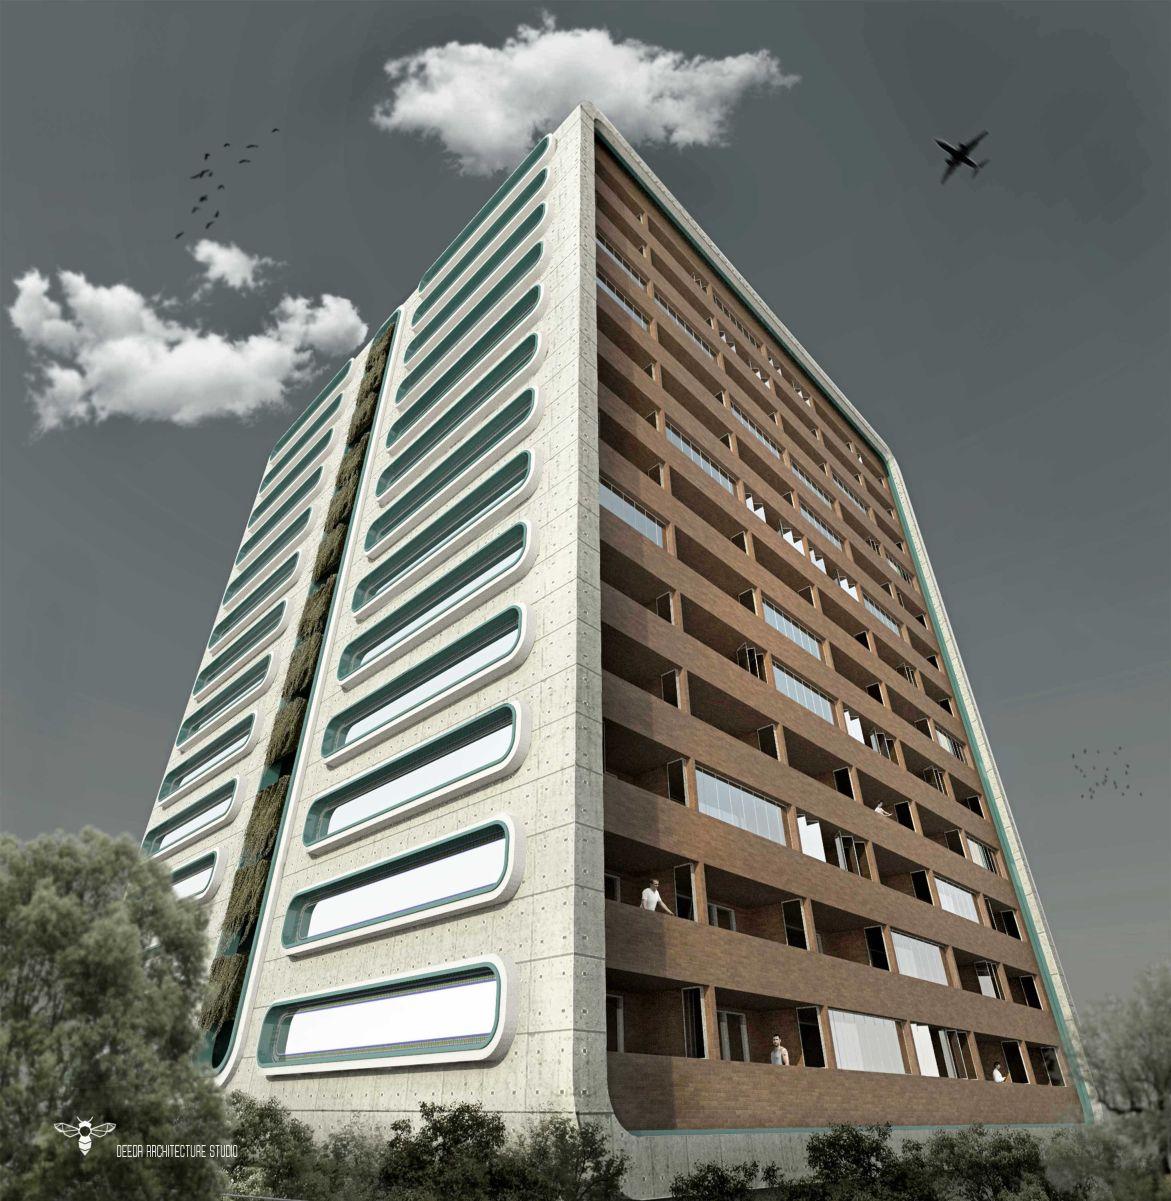 طراحی برج مسکونی نگار طراحی شده توسط استودیو معماری دیدآ